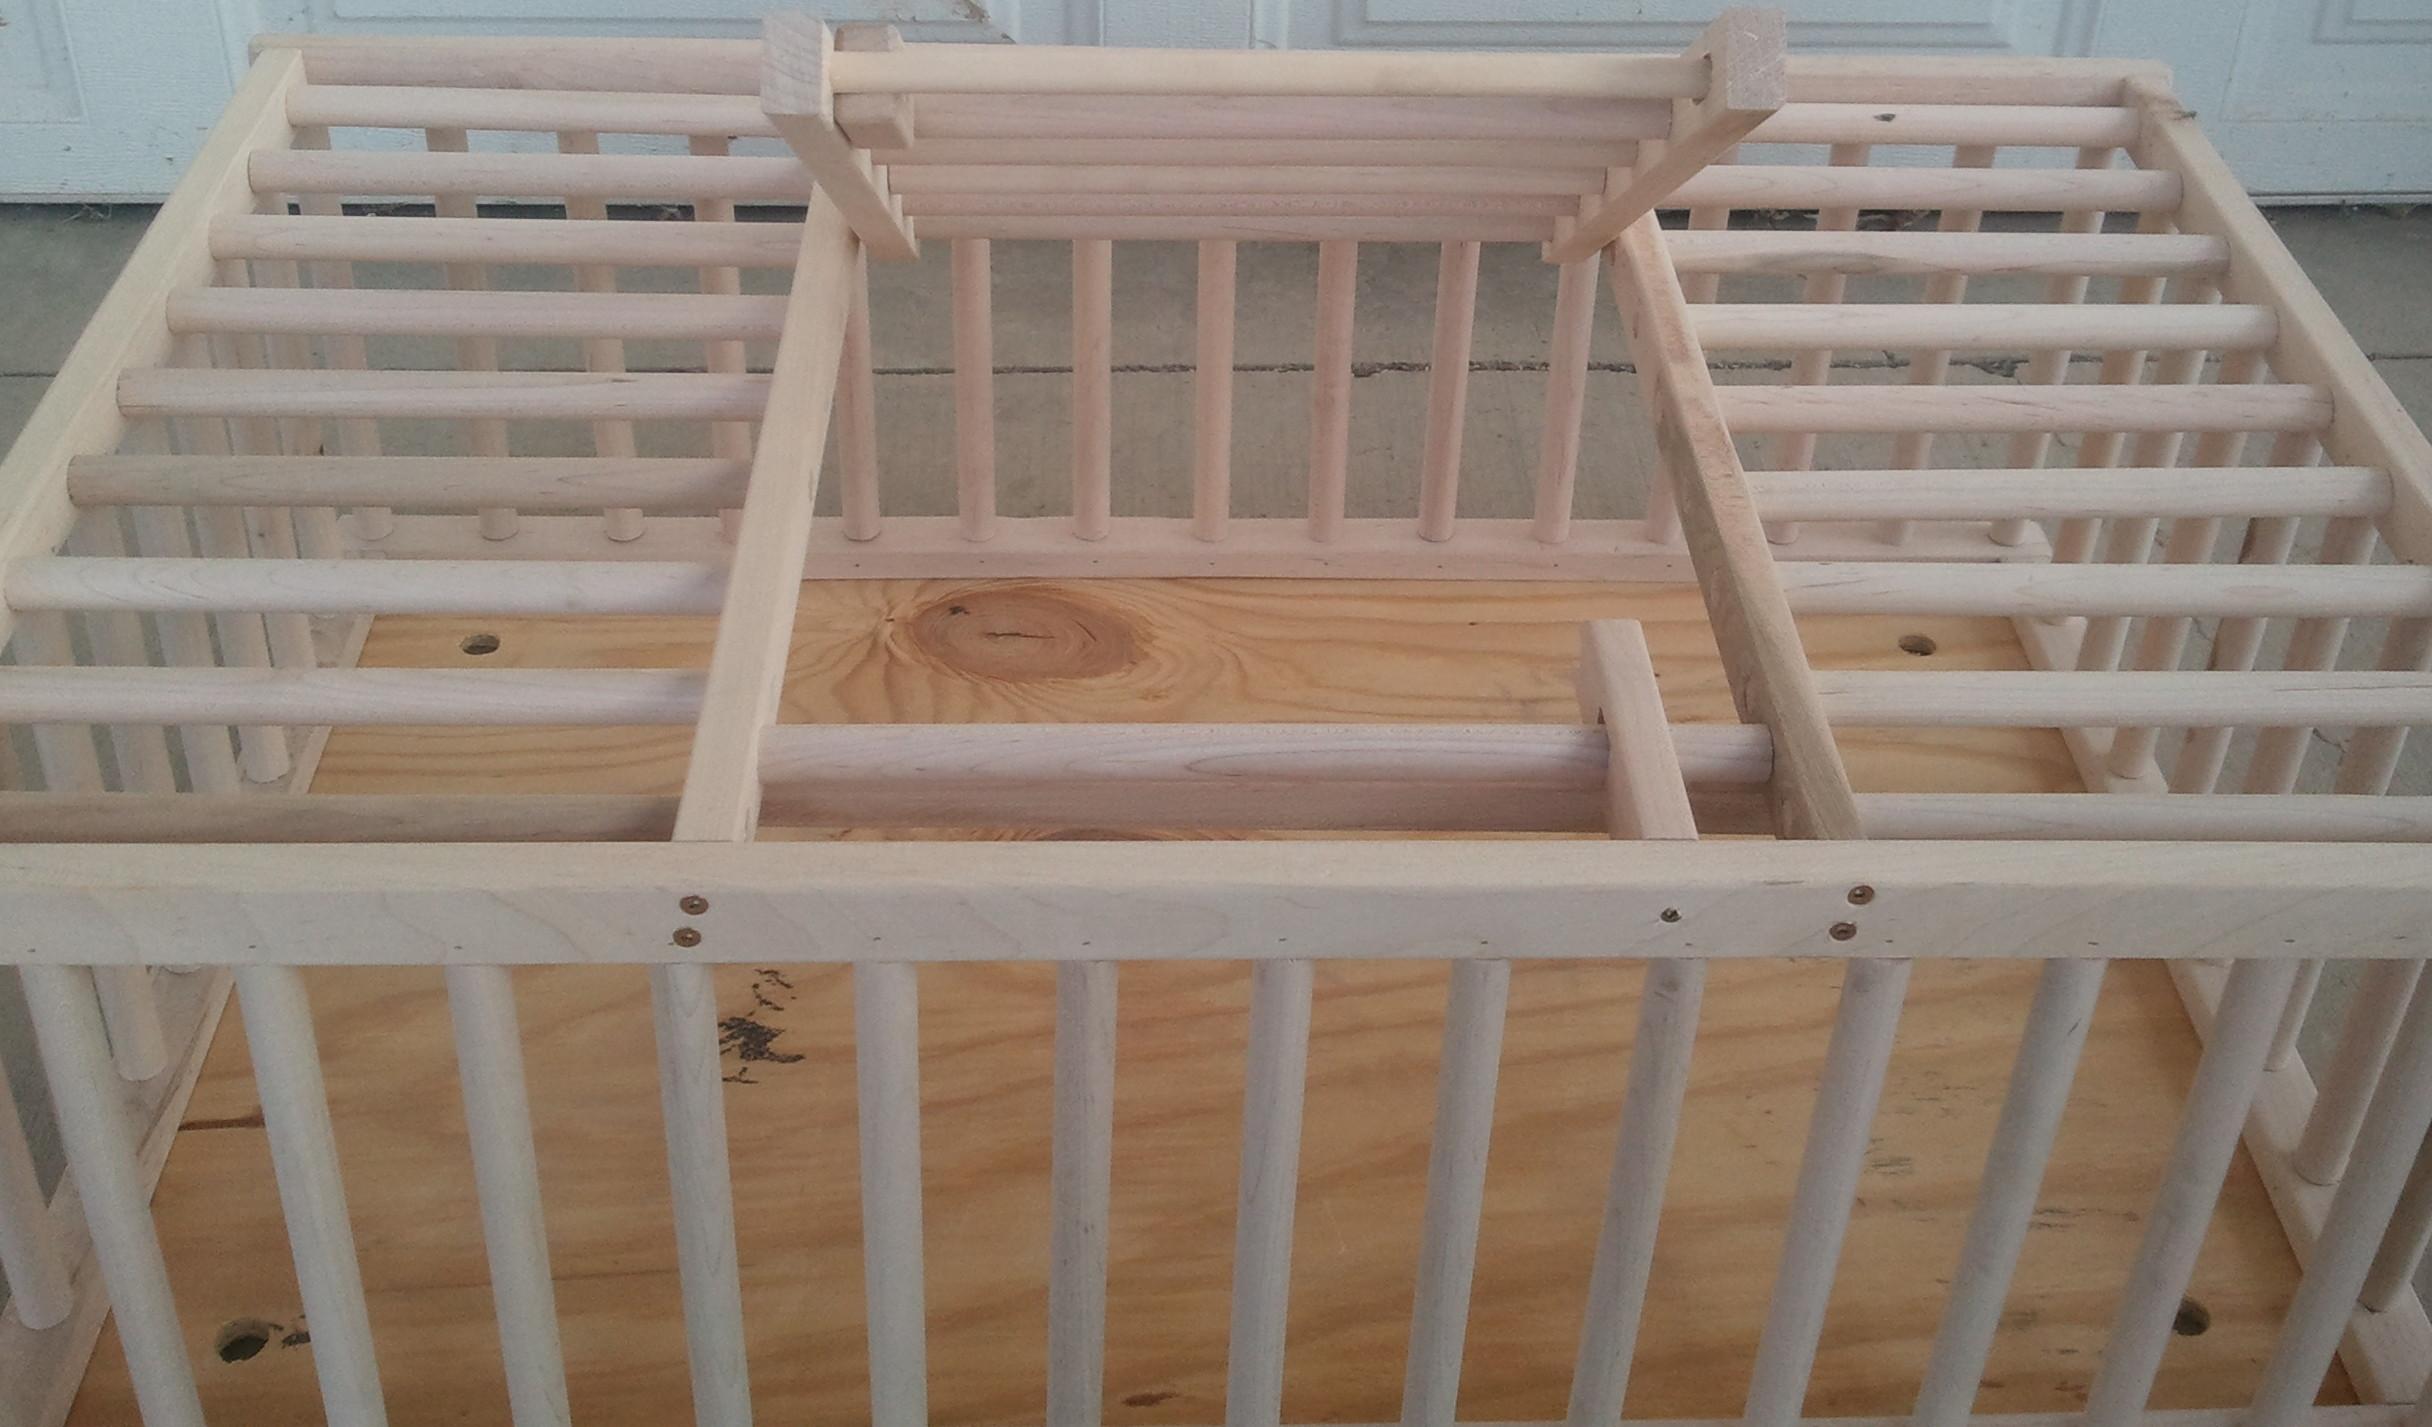 Wooden Chicken Crates